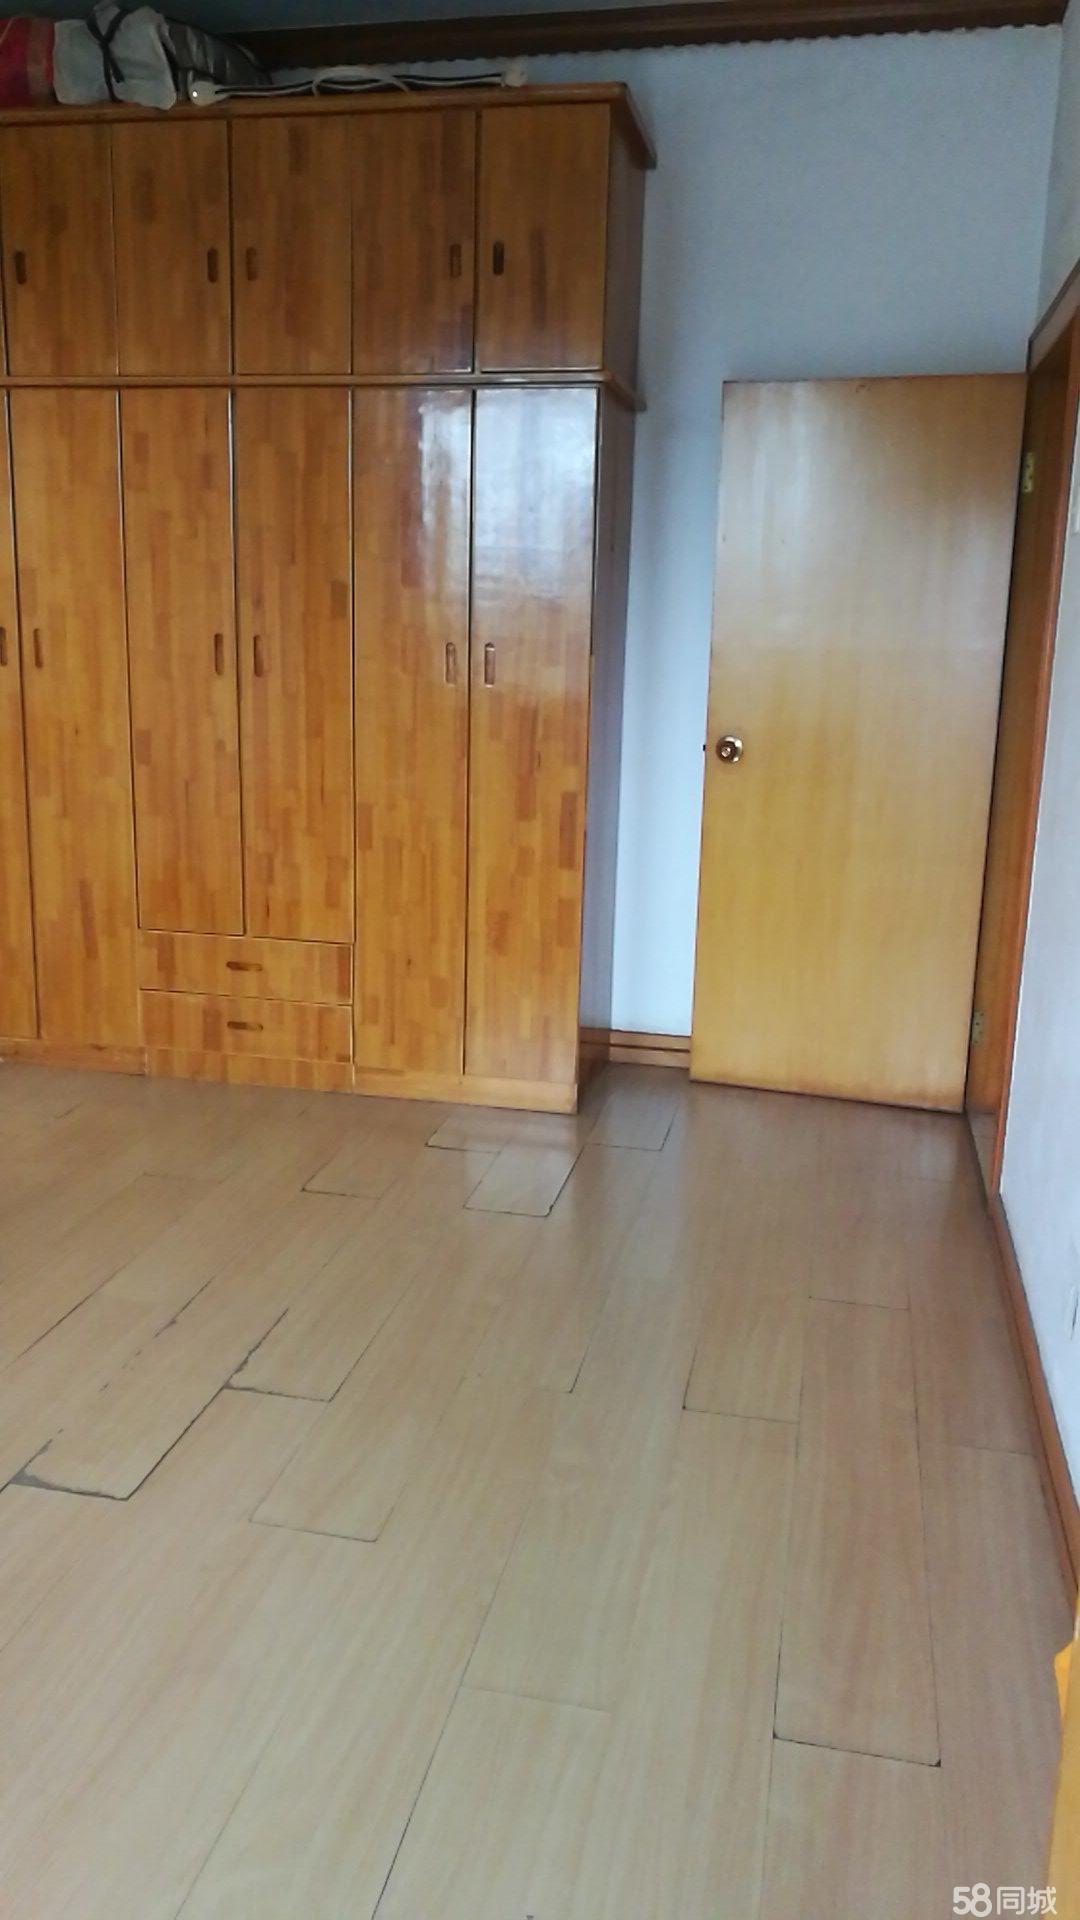 西山南巷3室2廳1衛 有證無貸 看房提前約